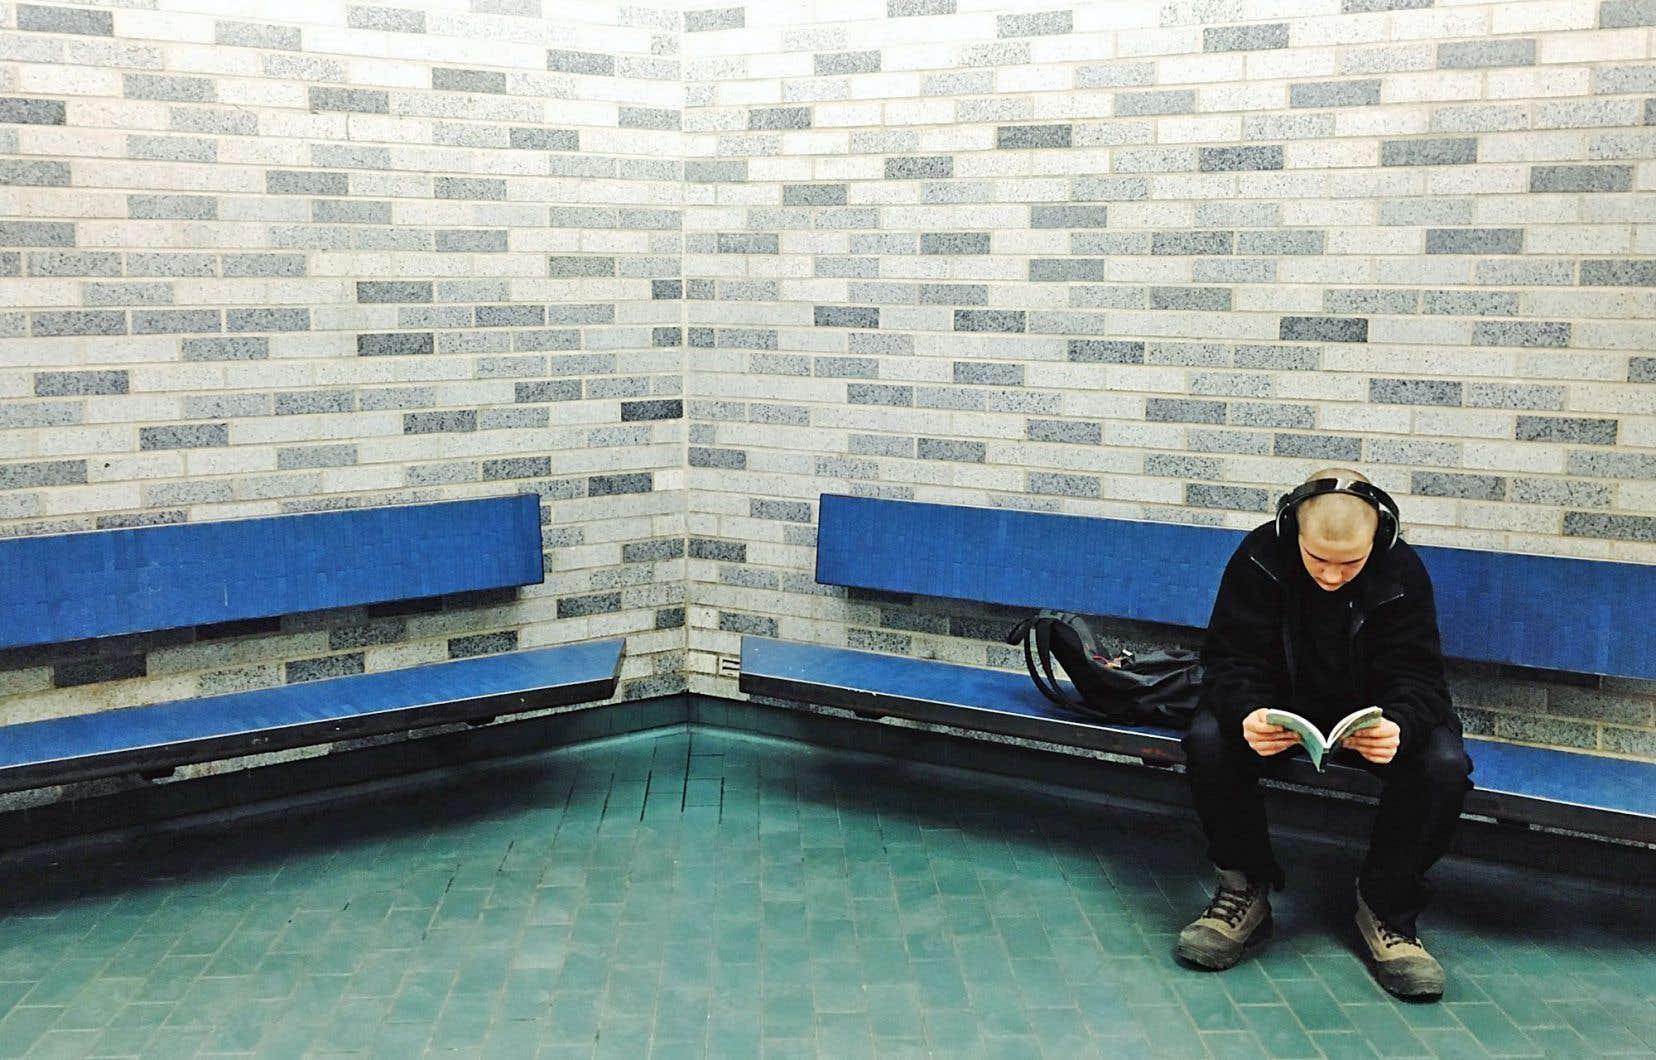 Le métro est le théâtre du quotidien de nombreux Montréalais.